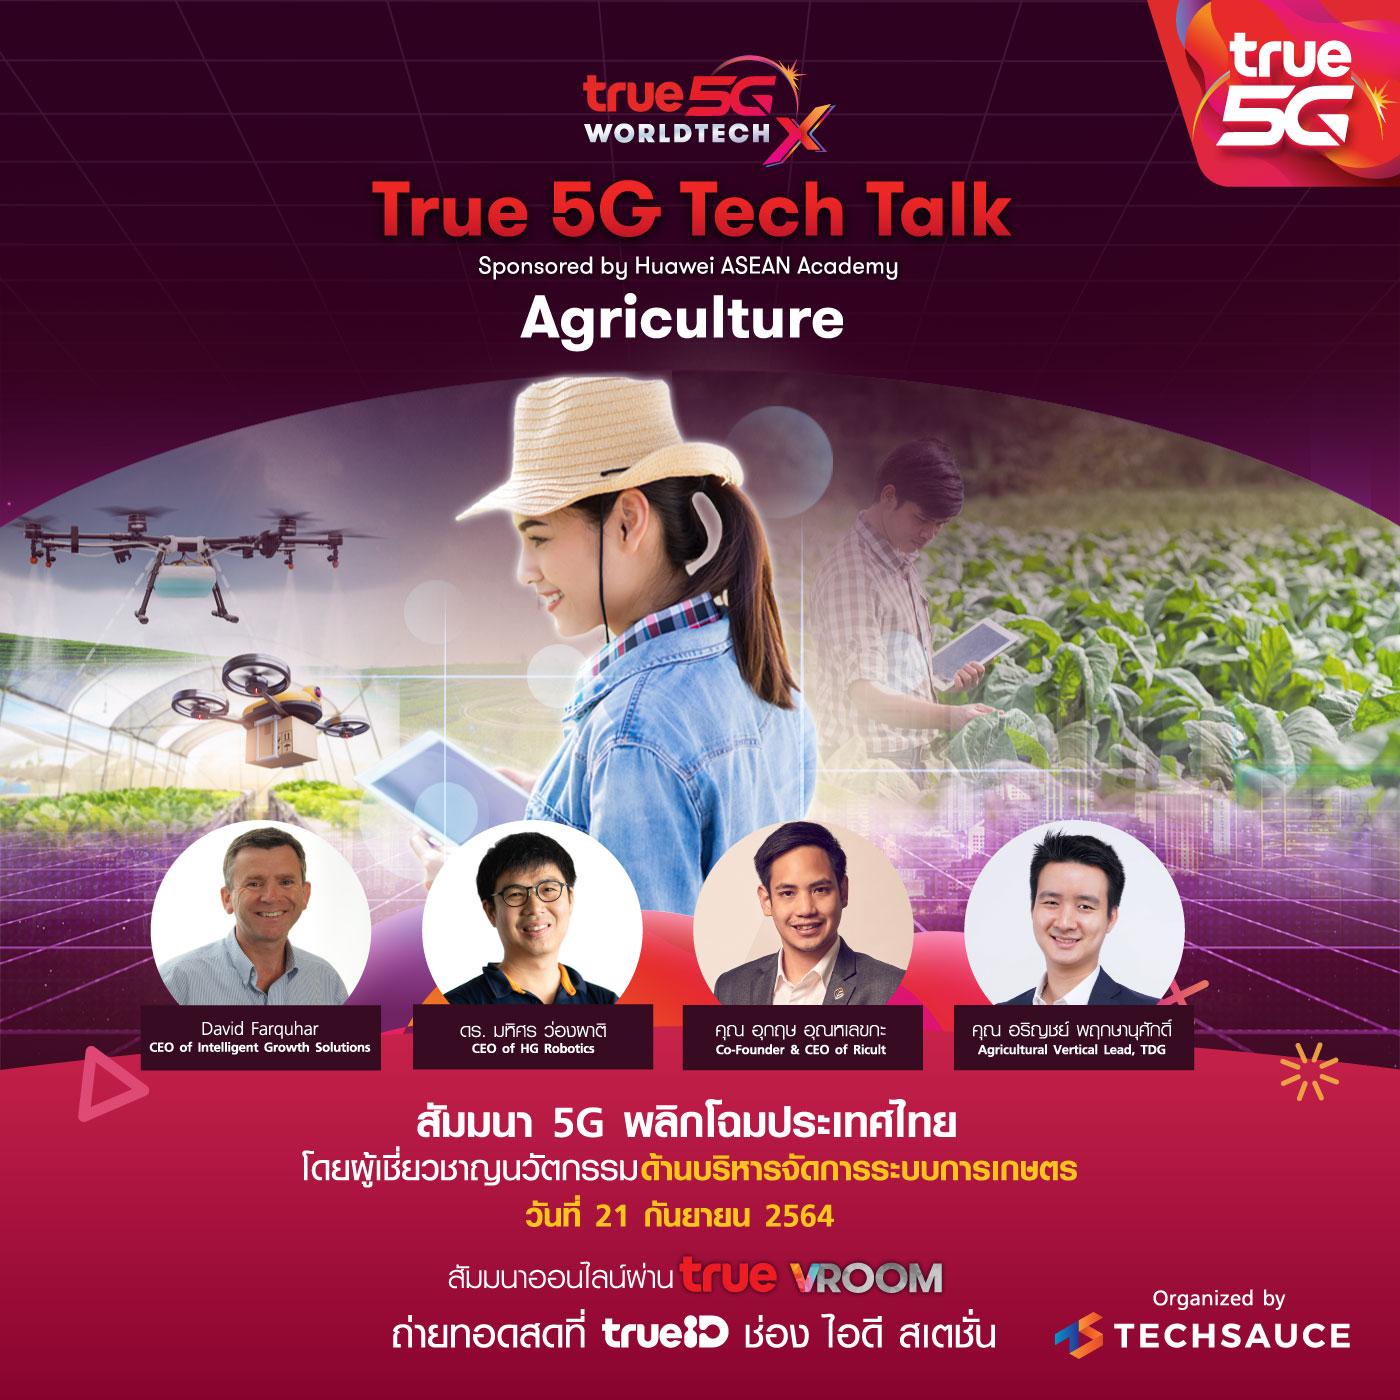 จะดีแค่ไหน เมื่อ 5G ทรานสฟอร์มภาคการเกษตรไทย สู่ เกษตรอัจฉริยะ ร่วมหาคำตอบได้ใน True 5G Tech Talk งานสัมมนา 5G พลิกโฉมประเทศไทย ครั้งที่ 4  ฟังฟรี 21 ก.ย. นี้